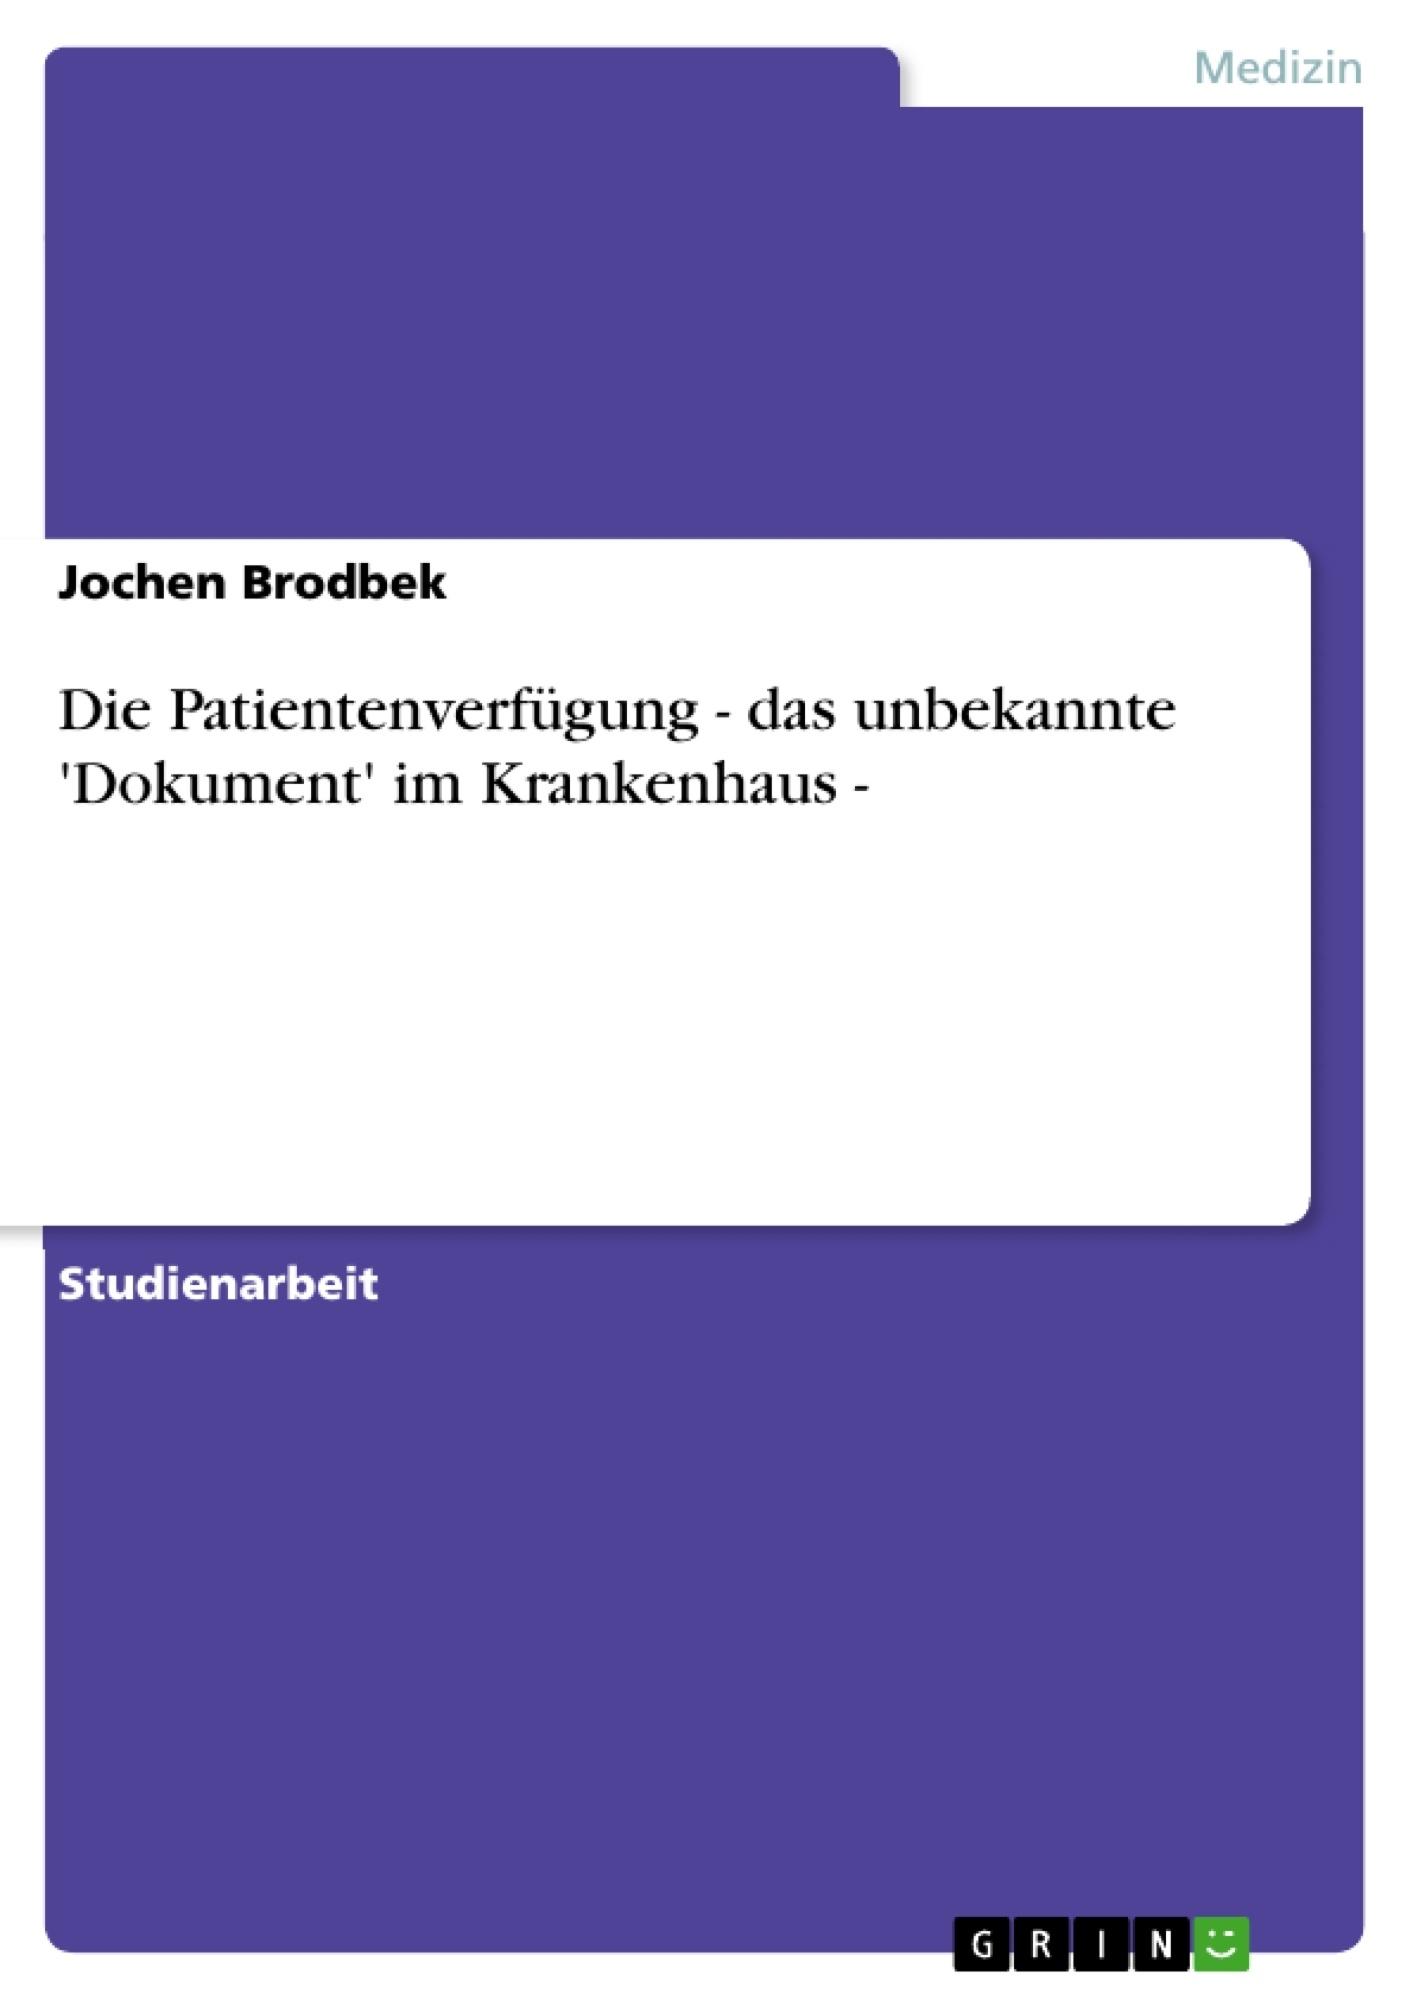 Titel: Die Patientenverfügung - das unbekannte 'Dokument' im Krankenhaus -